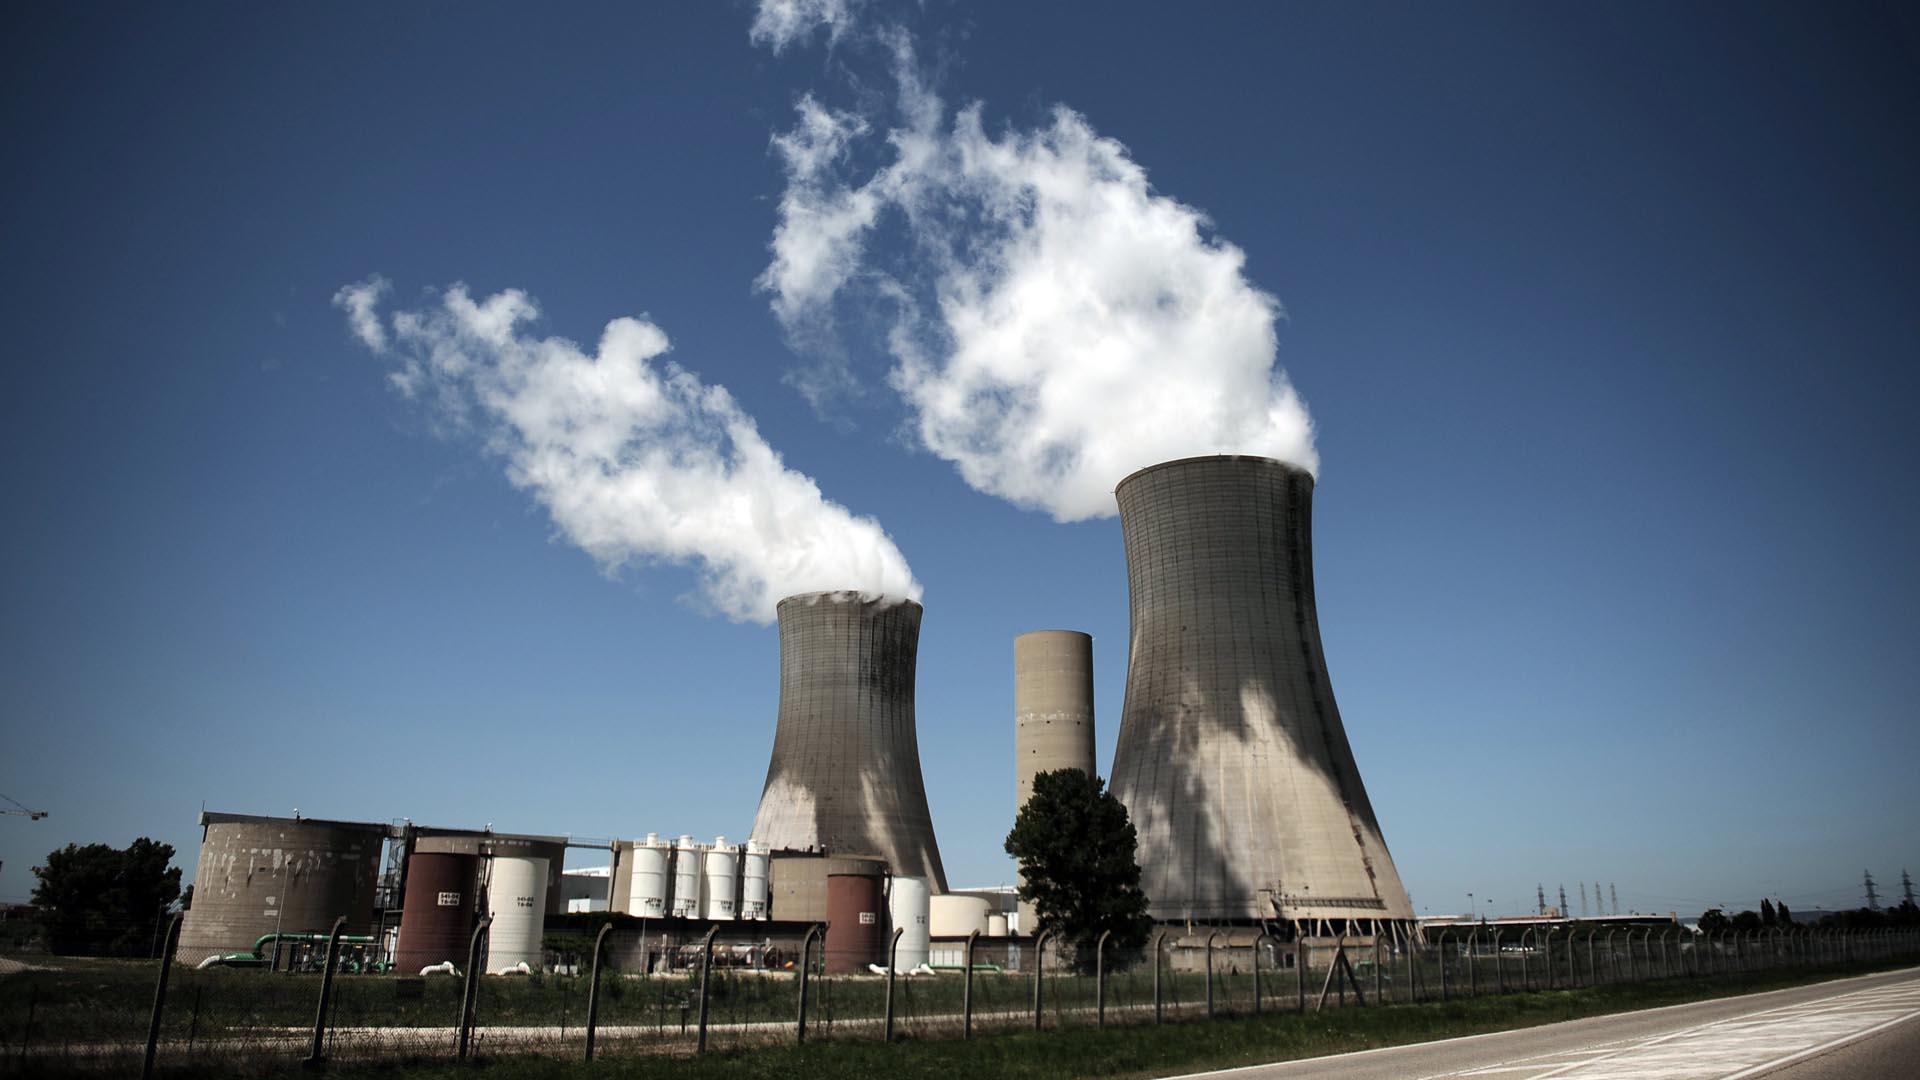 Desde el próximo enero cuatro grandes empresas de energía deberán poner fin al almacenamiento de estos químicos